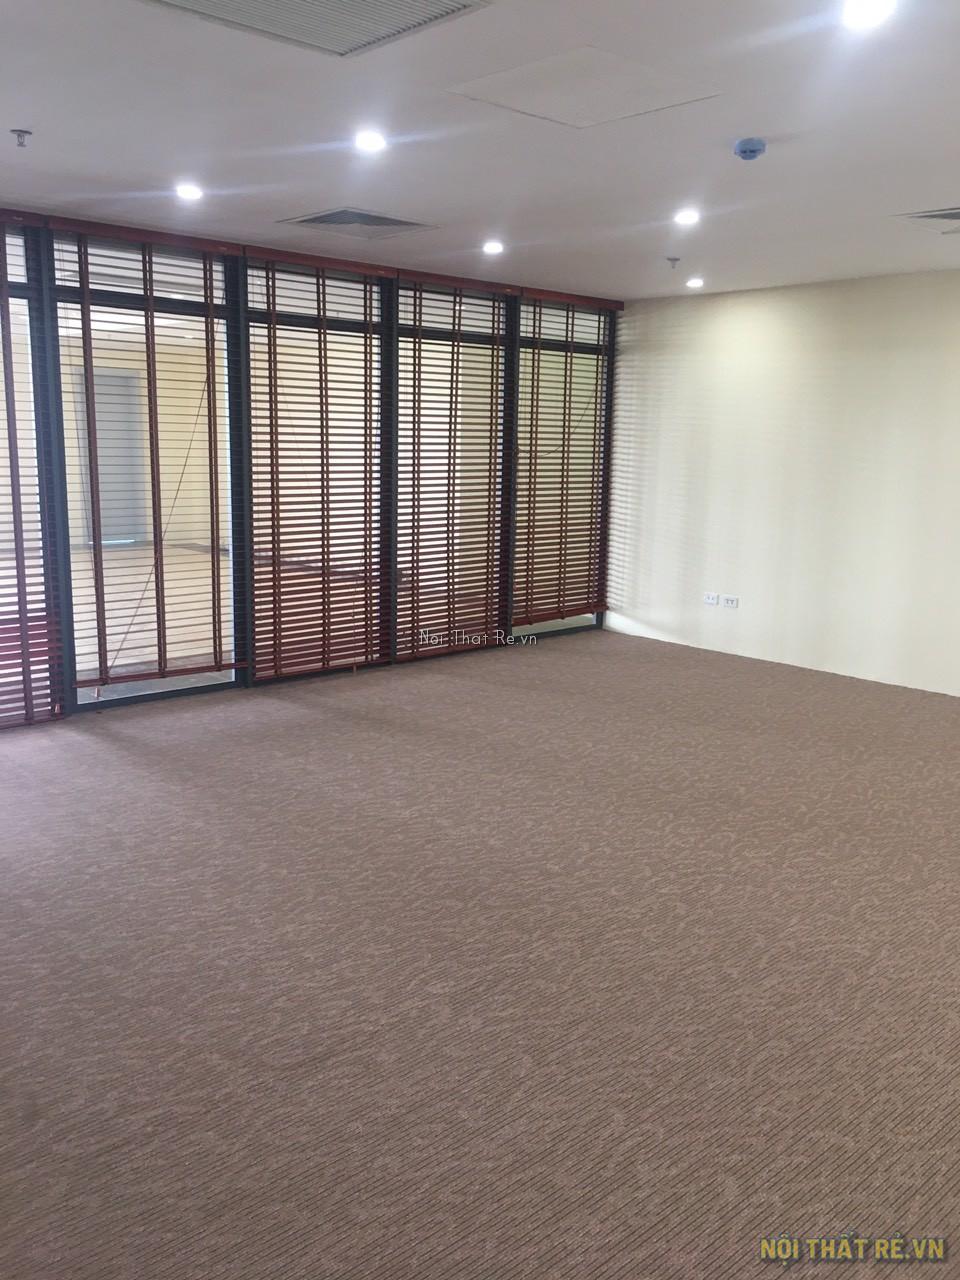 thảm trải sàn dubai màu vàng nâu sử dụng cho văn phòng